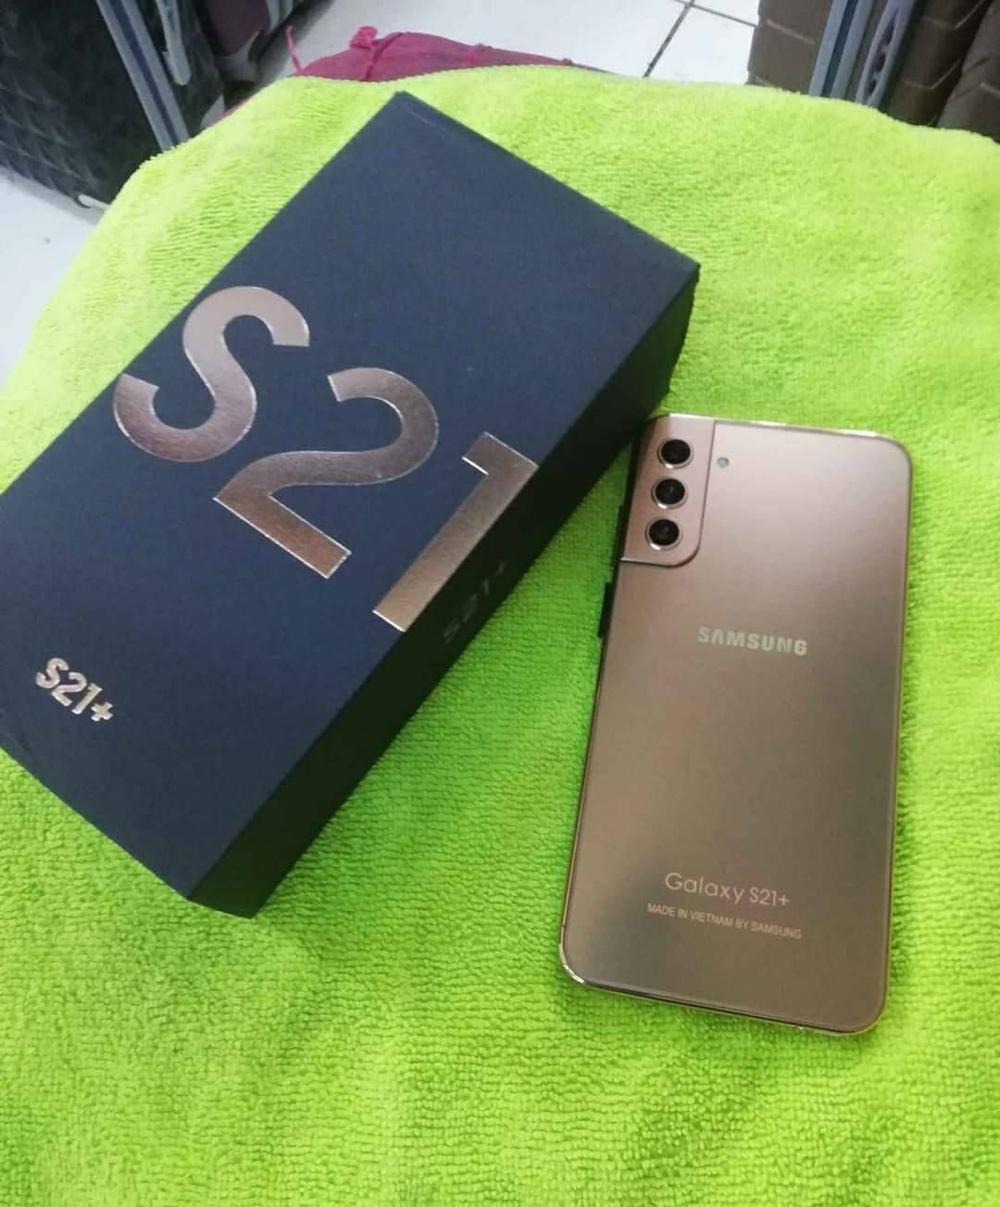 Galaxy S21 và S21 Ultra chưa ra mắt đã có bản nhái y như thật Ảnh 1